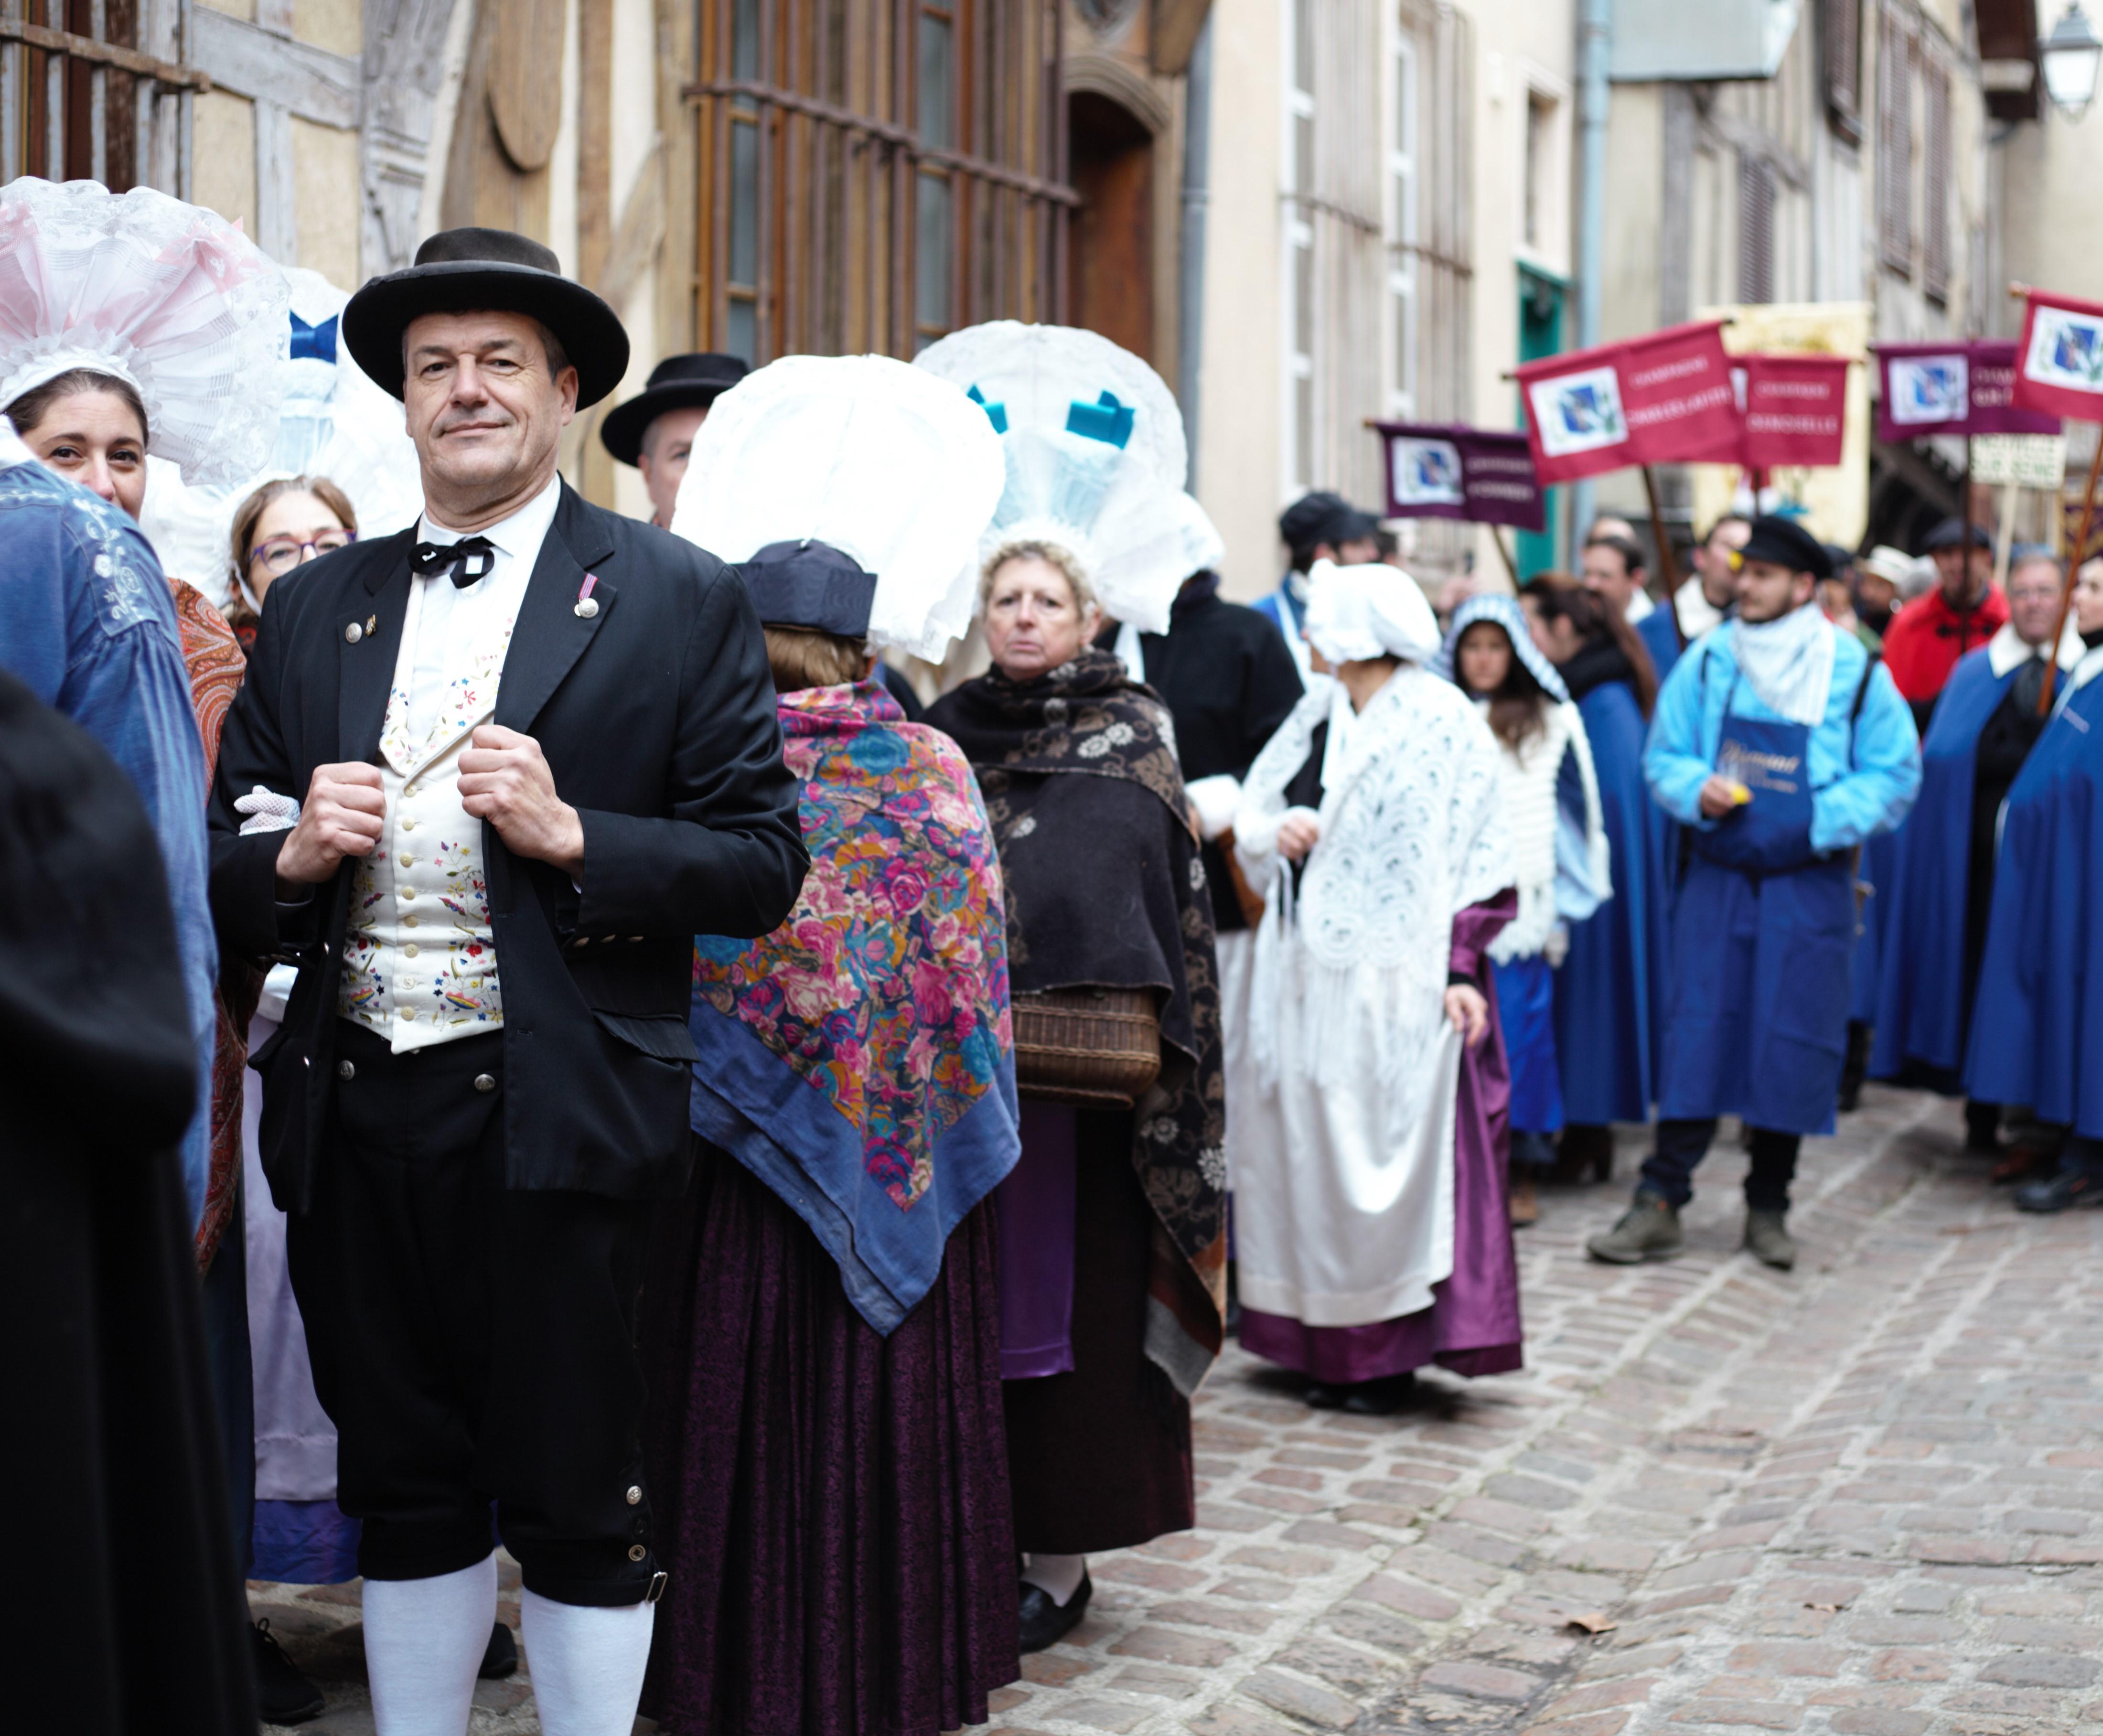 Fête de la saint vincent à Troyes en Champagne